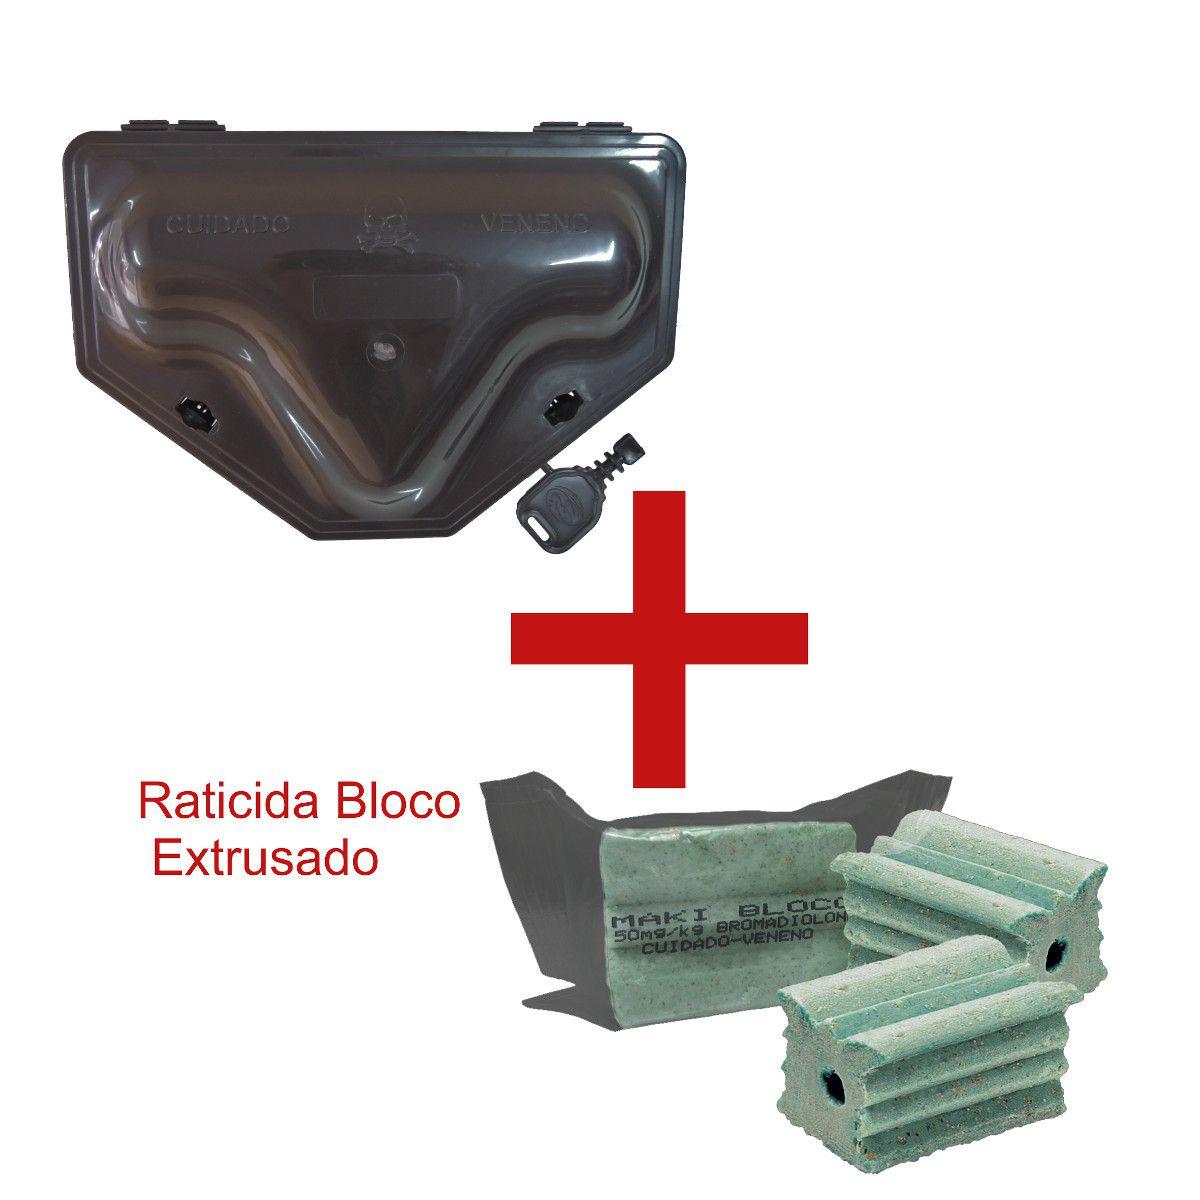 65 Porta Iscas C/ TRAVAMENTO DUPLO + 65 Blocos Extrusado